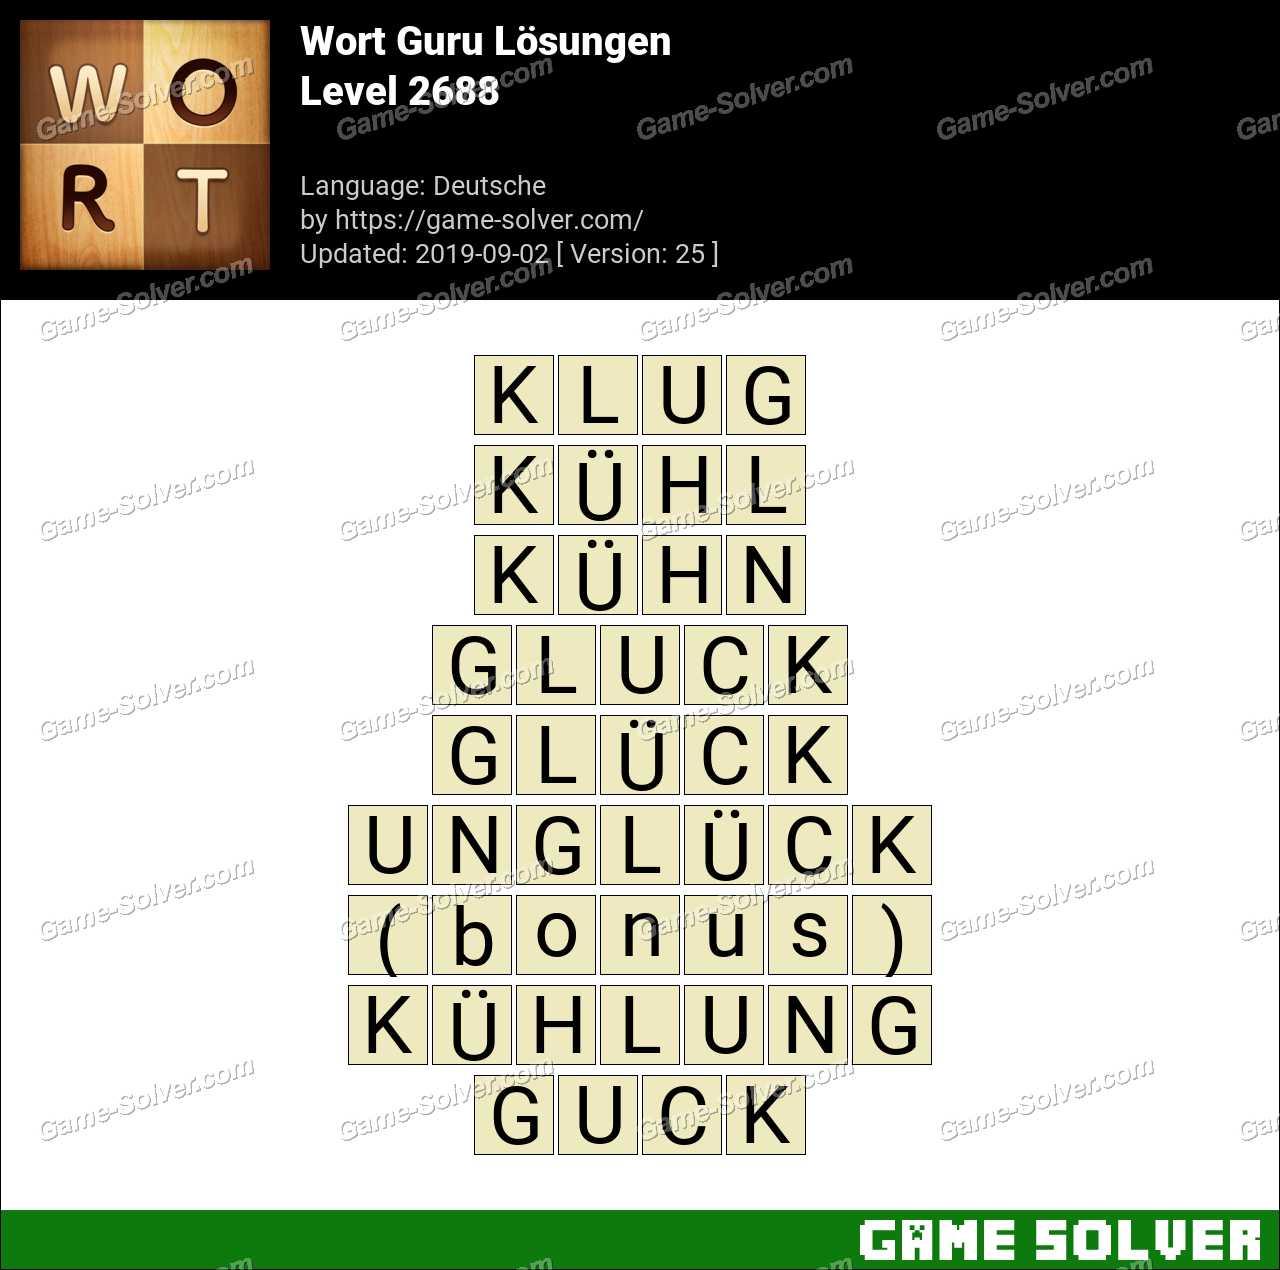 Wort Guru Level 2688 Lösungen